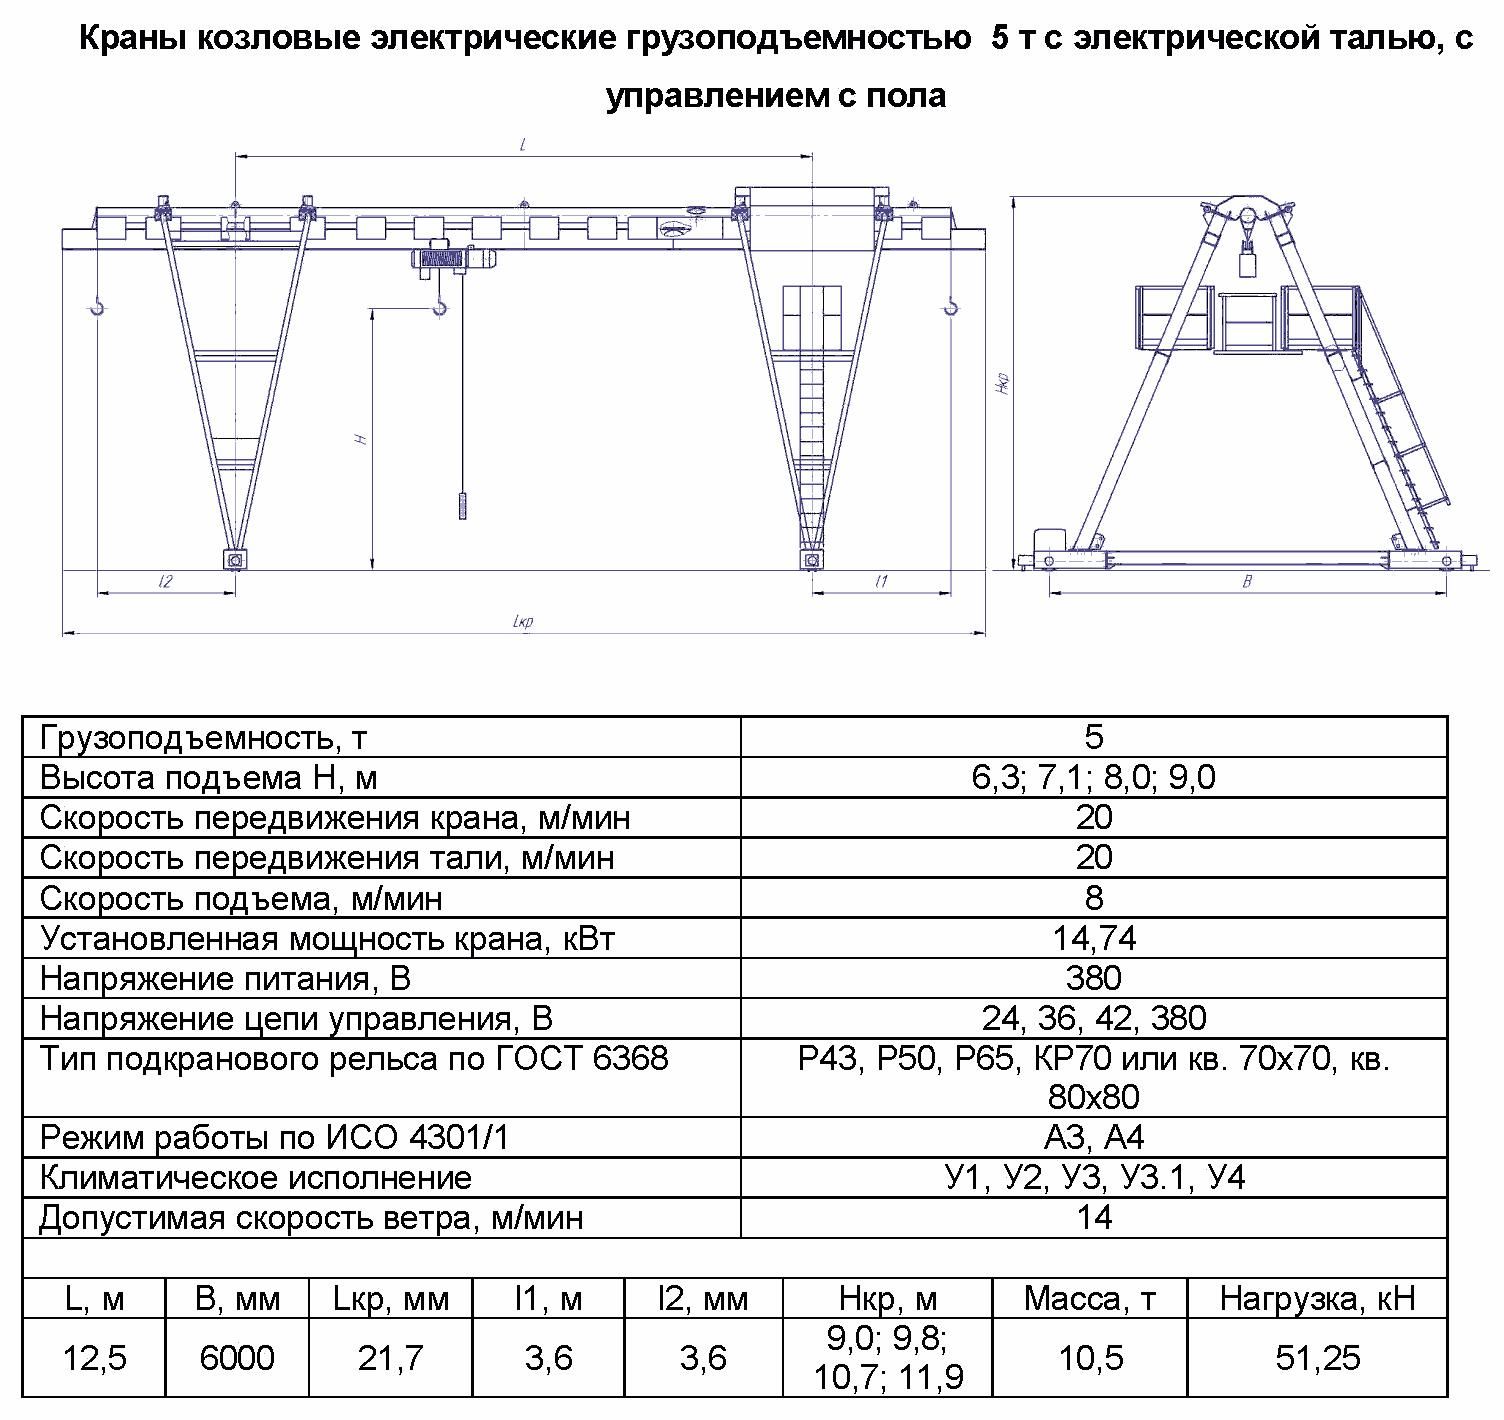 KKO 5 125 - Кран козловой электрический однобалочный